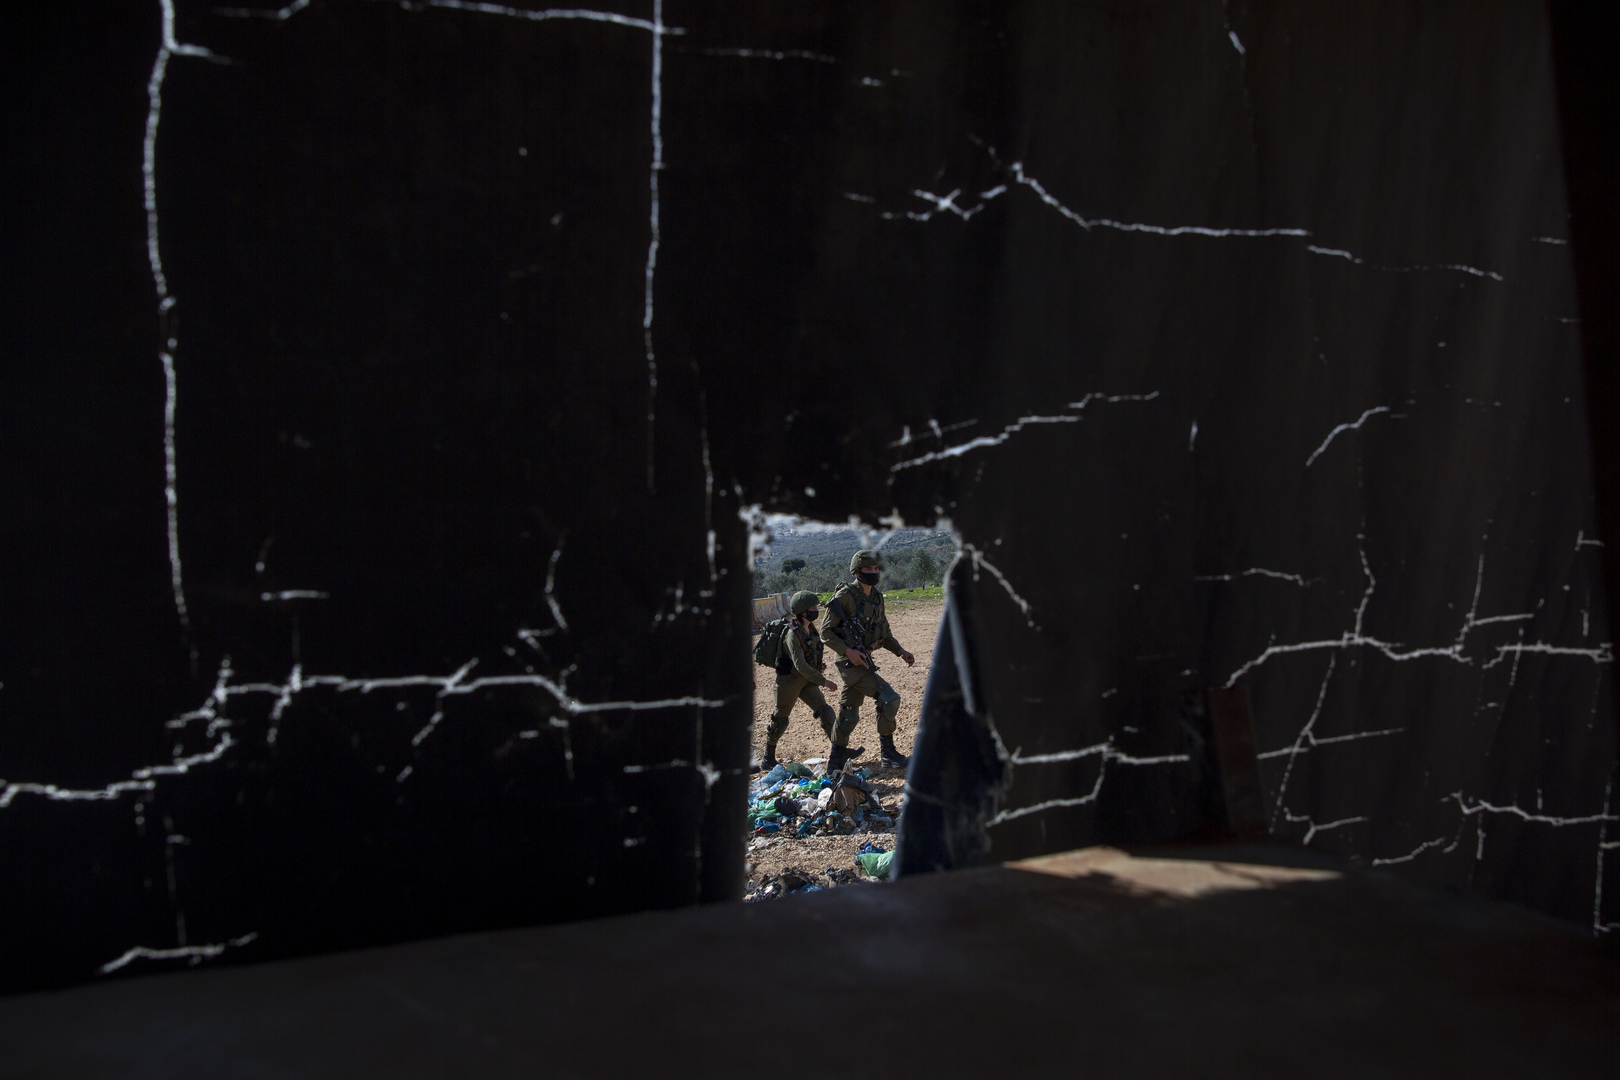 تحقيق أولي: الجنديان الإسرائيليان الجريحان في الضفة أصيبا بنيران صديقة